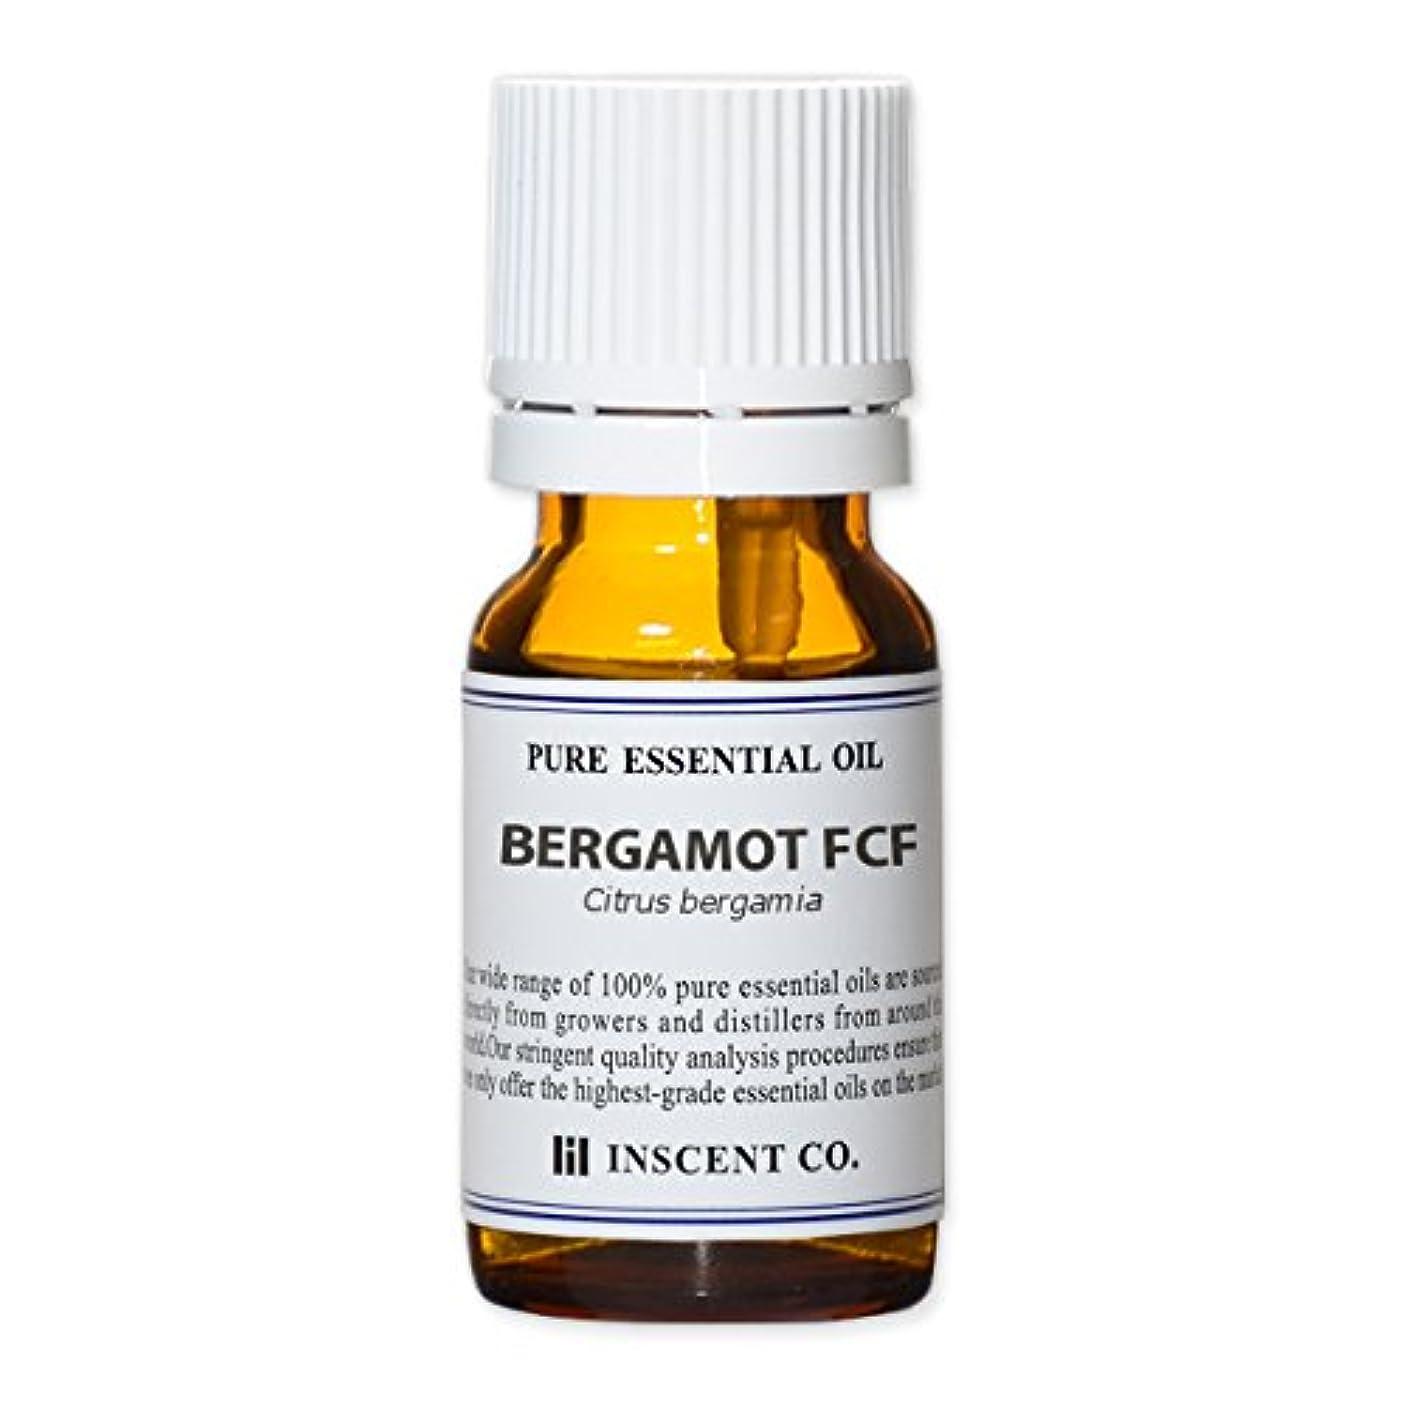 アレンジ論理的に大陸ベルガモットFCF (ベルガプテンフリー) 10ml インセント アロマオイル AEAJ 表示基準適合認定精油 (フロクマリンフリー)